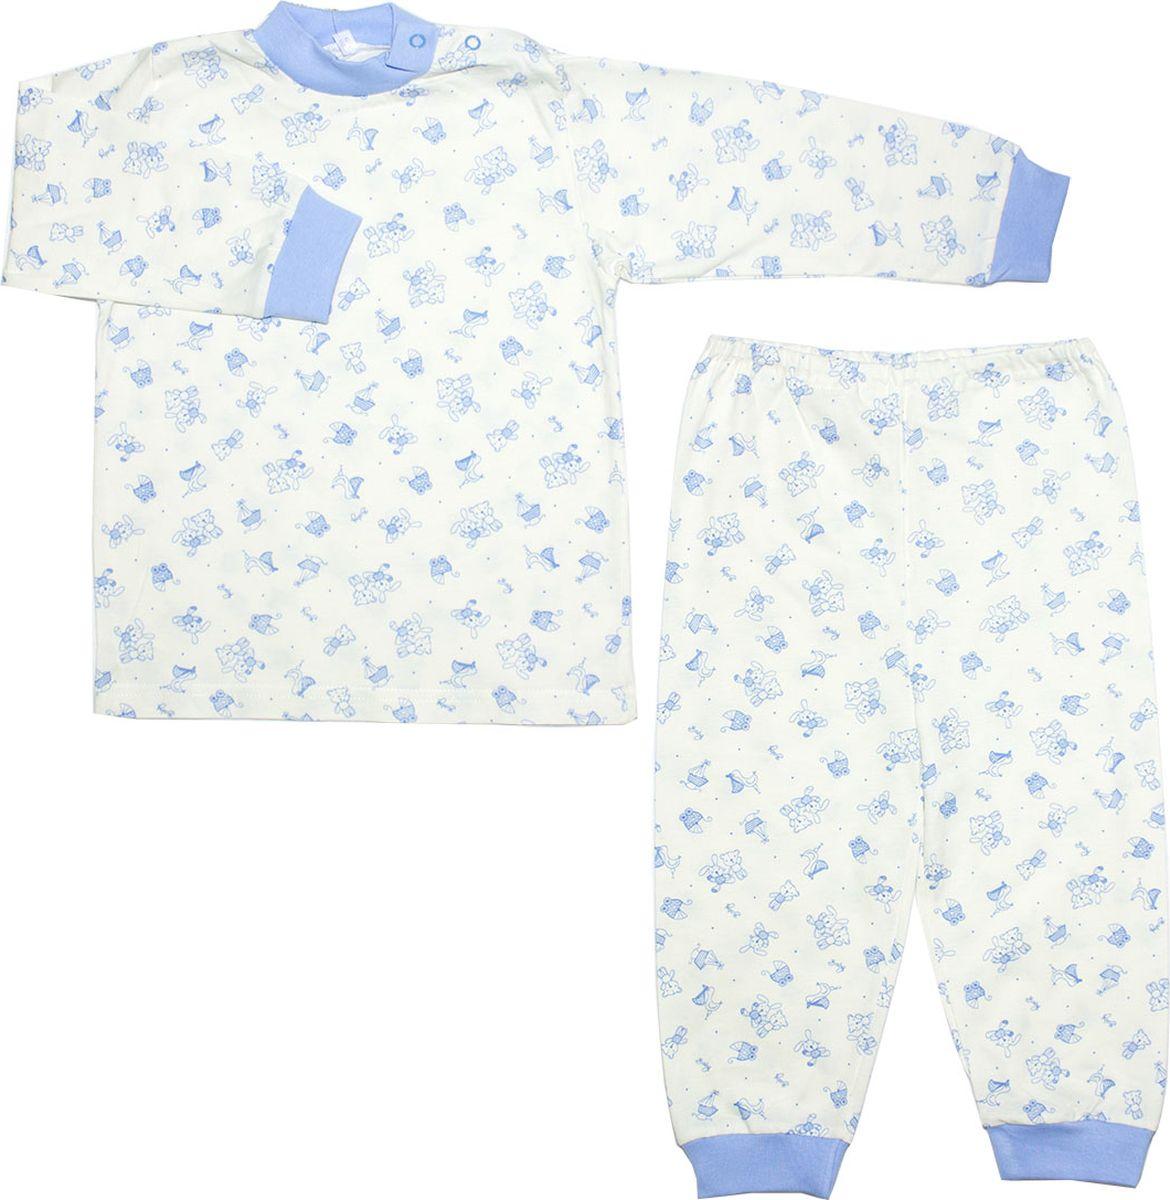 Пижама для мальчика Осьминожка, цвет: молочный, голубой. 116-20. Размер 116 dress 92 116 cm